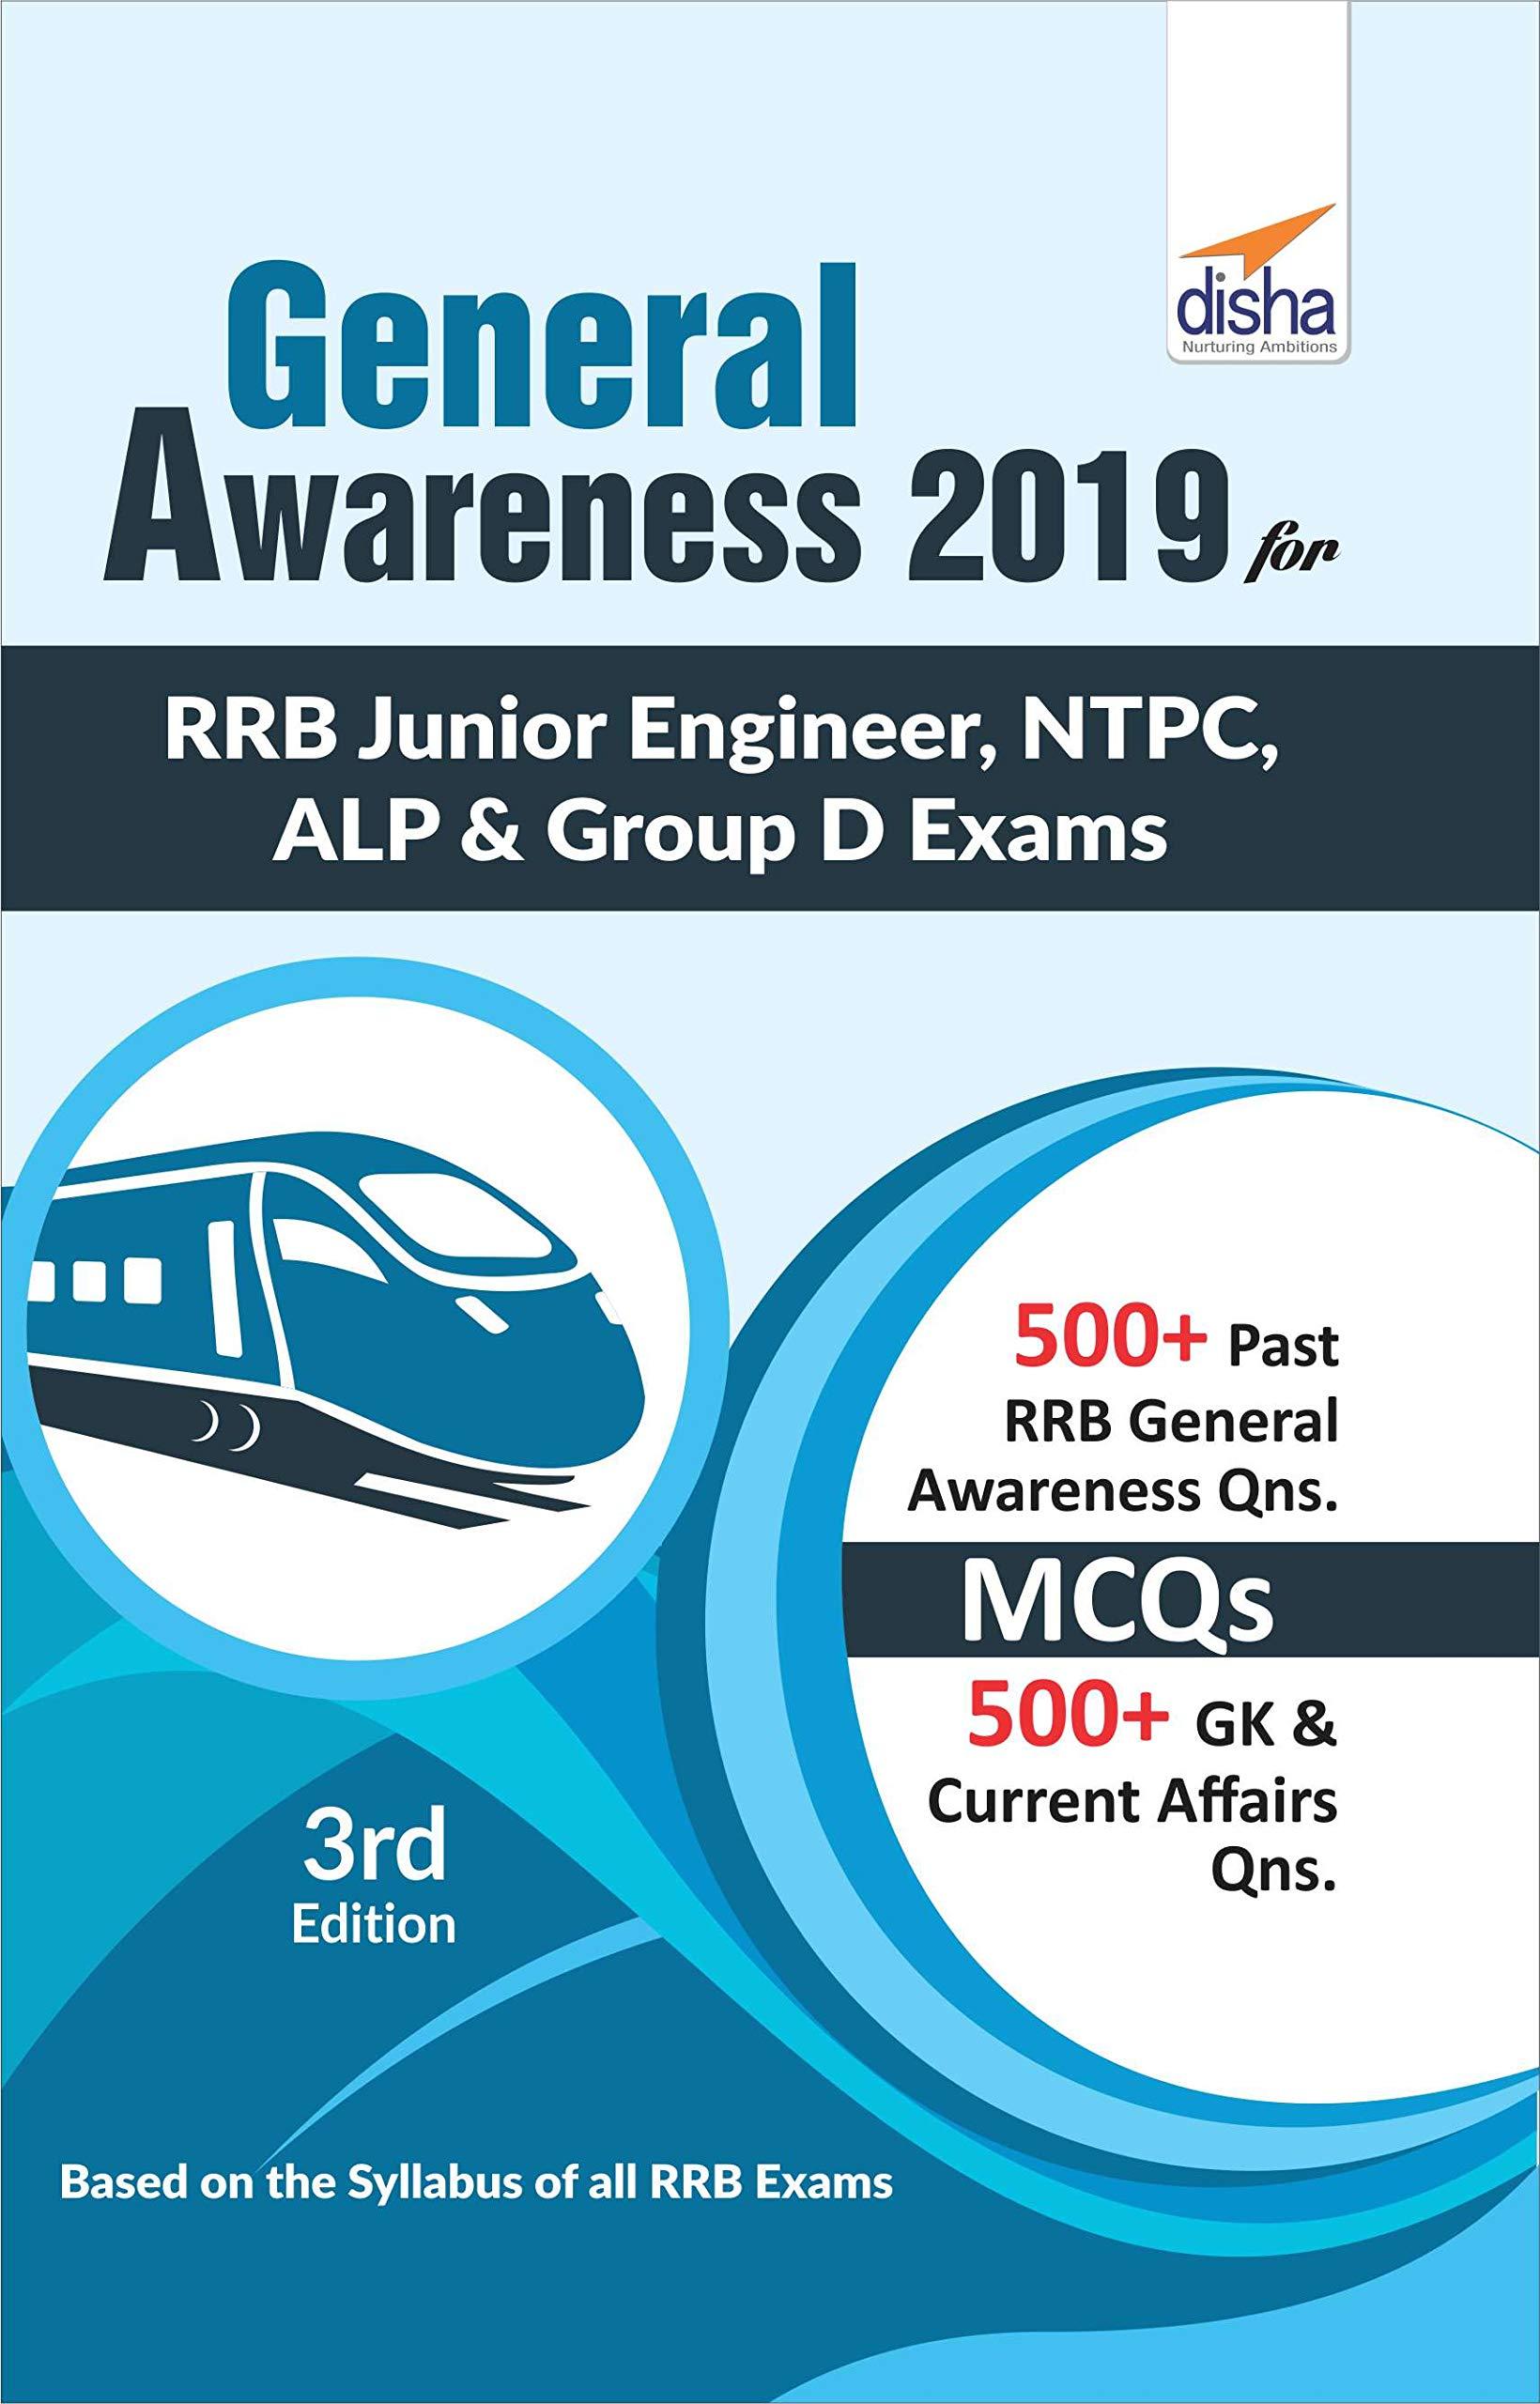 Buy General Awareness 2019 for RRB Junior Engineer, NTPC